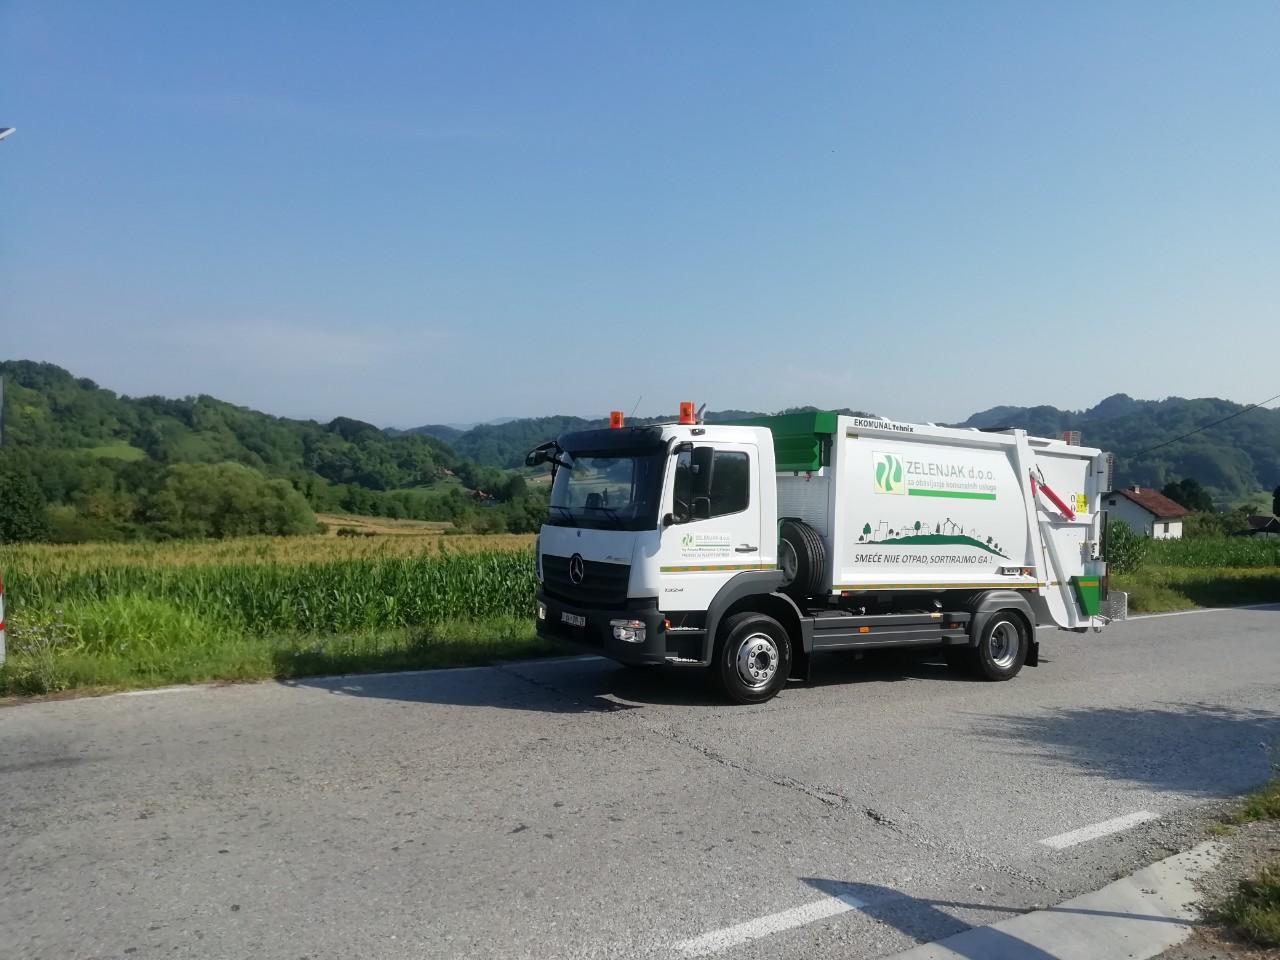 Isporuka za komunalno poduzeće Zelenjak d.o.o.